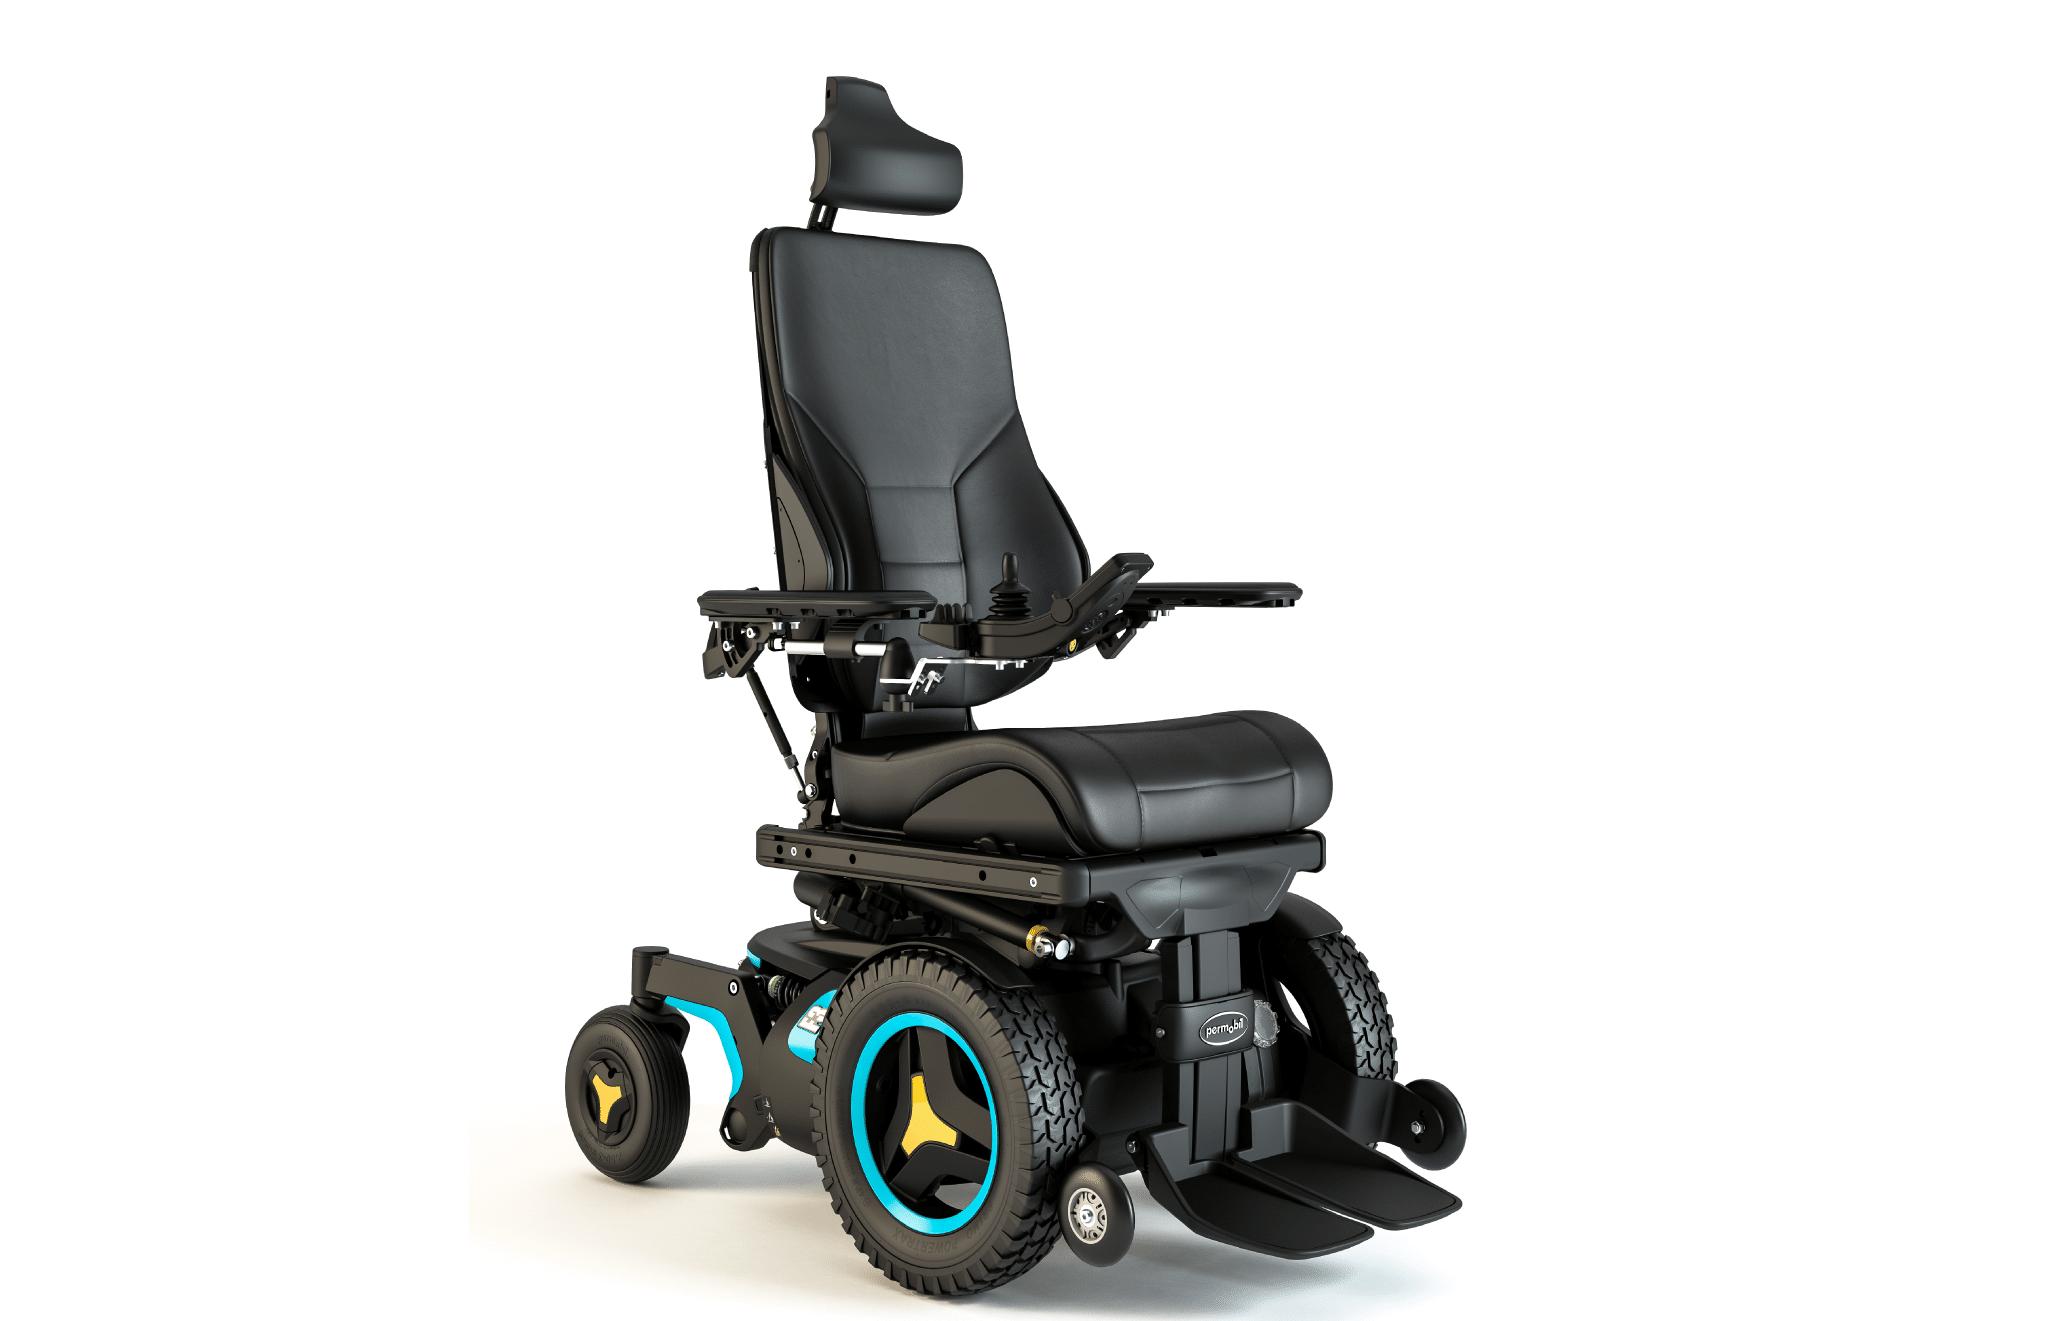 Cadeira de rodas eléctrica F3 Corpus da Permobil com tracção dianteira, suspensão individual às 4 rodas, de tamanho compacto, ideal para espaços movimentados.